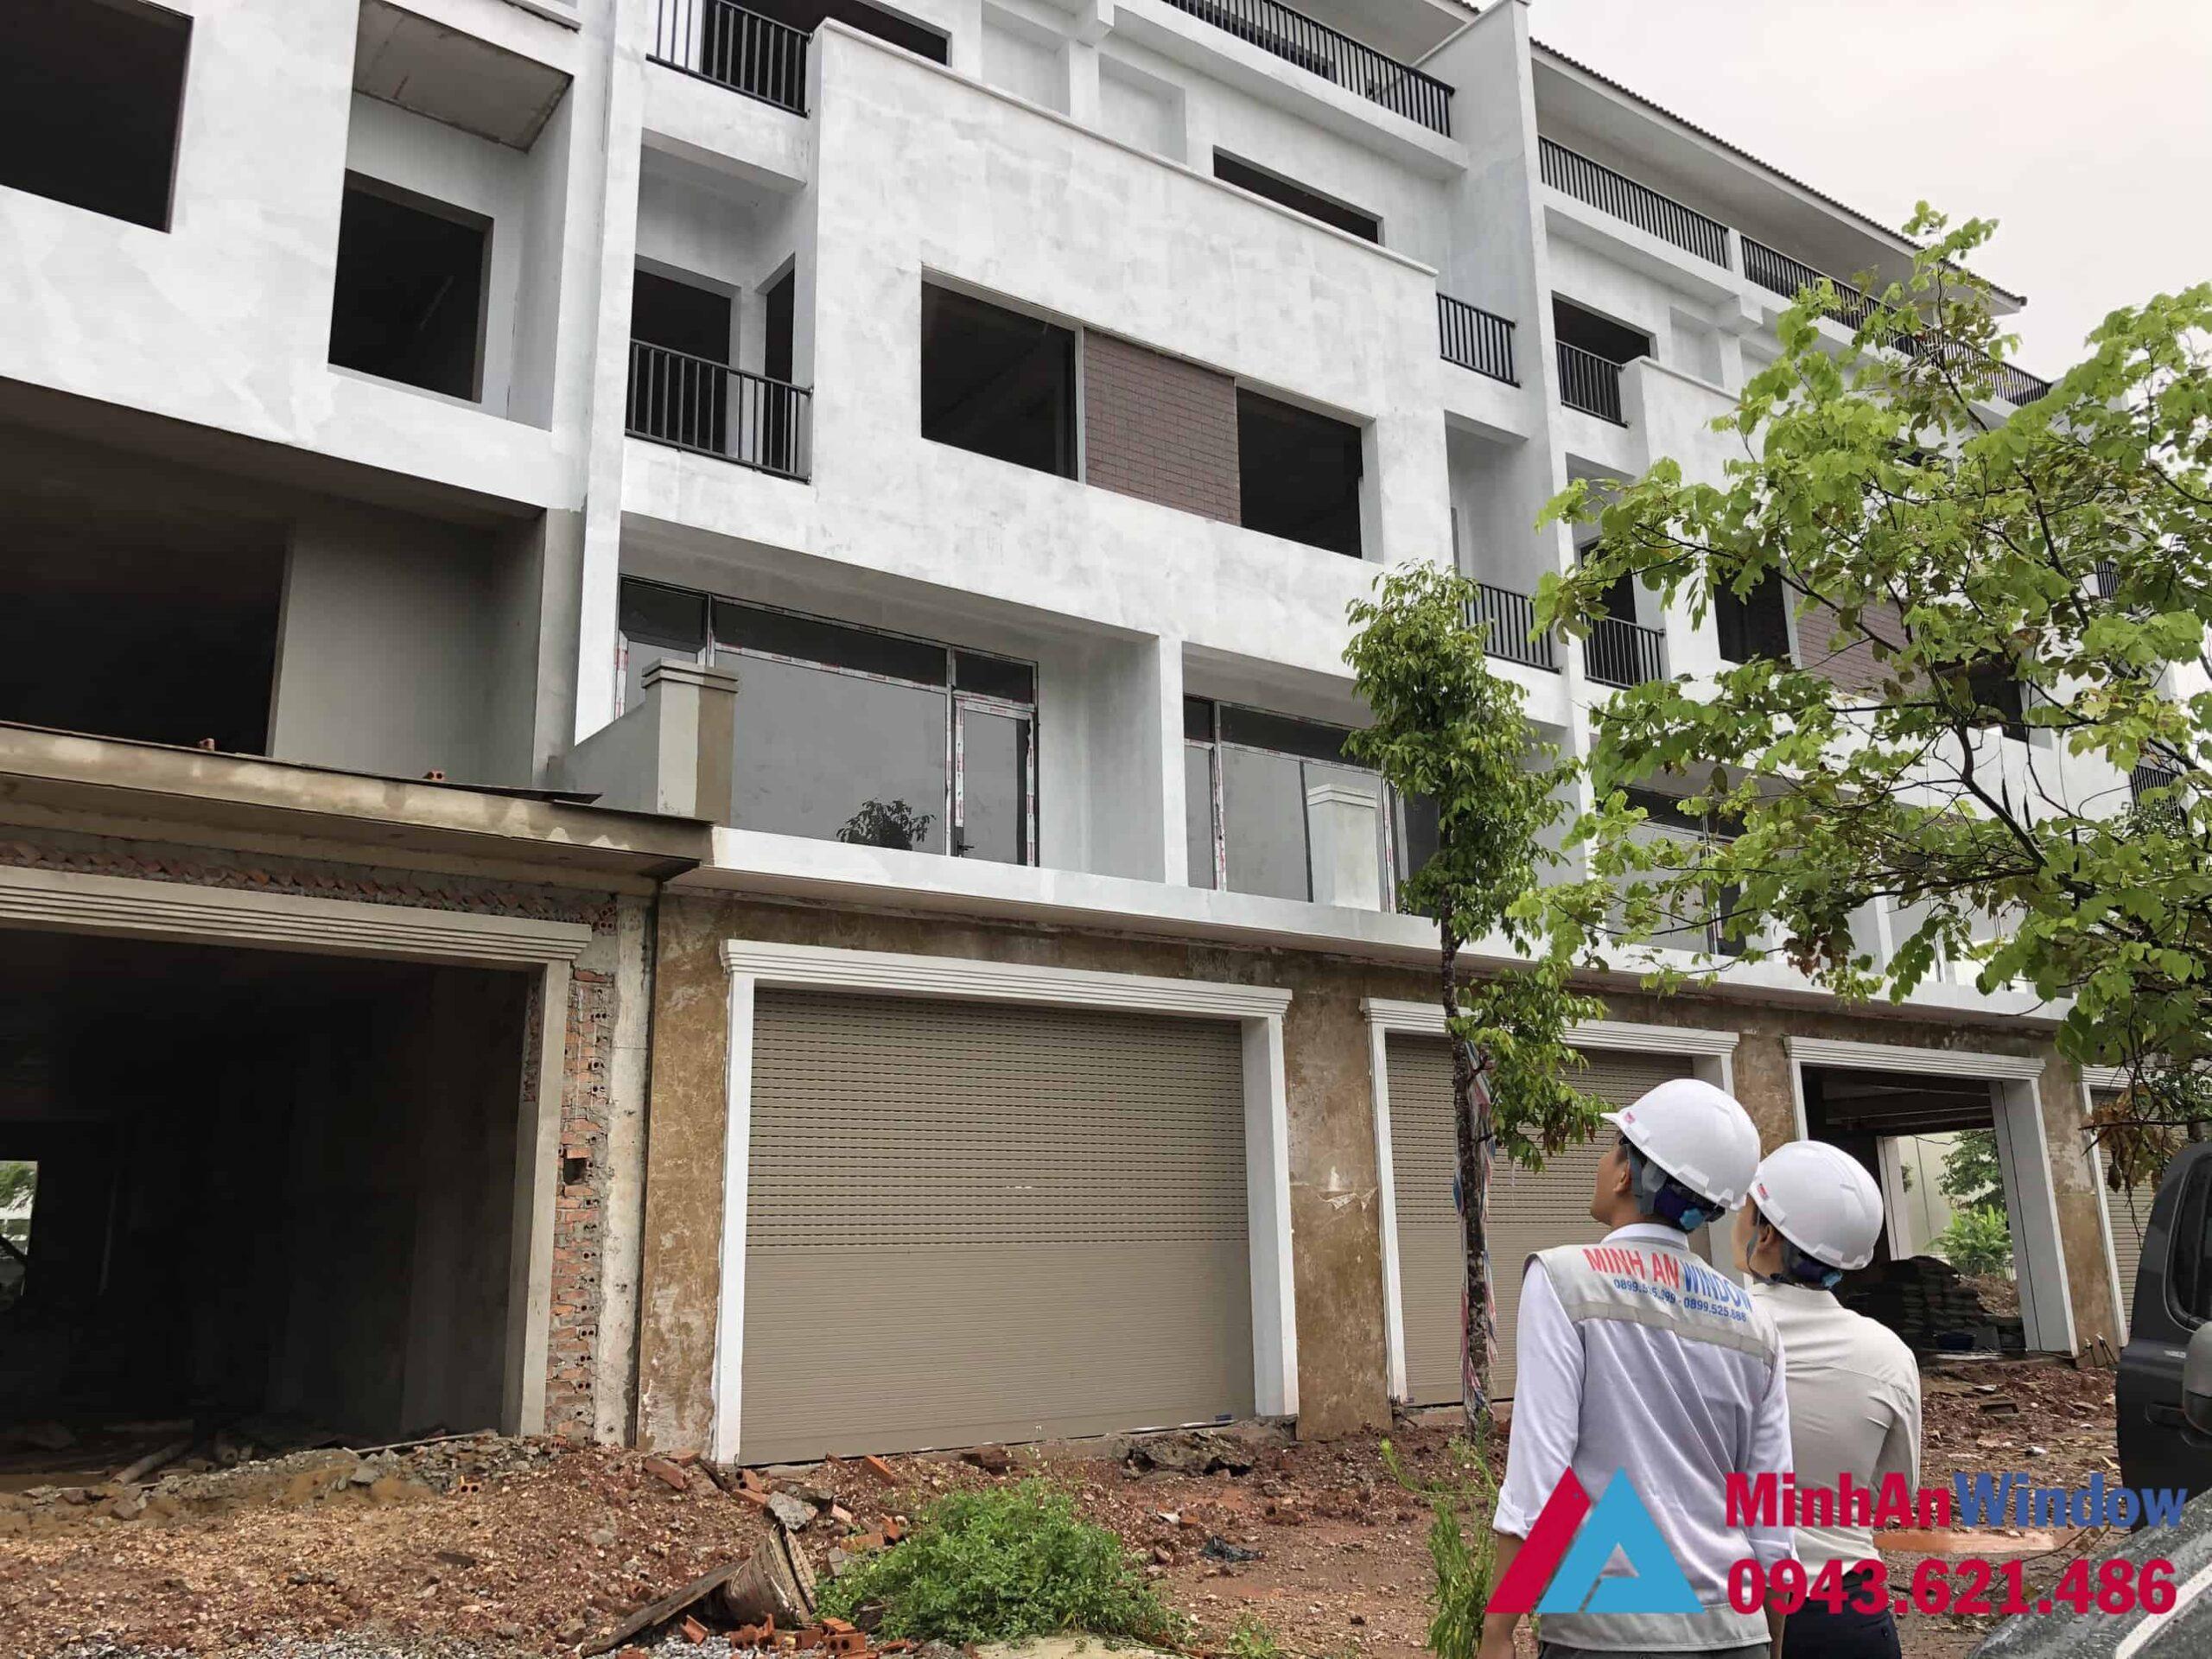 Nhân viên của Minh An Window khảo sát lắp đặt cửa nhôm kính cho nhà biệt thự